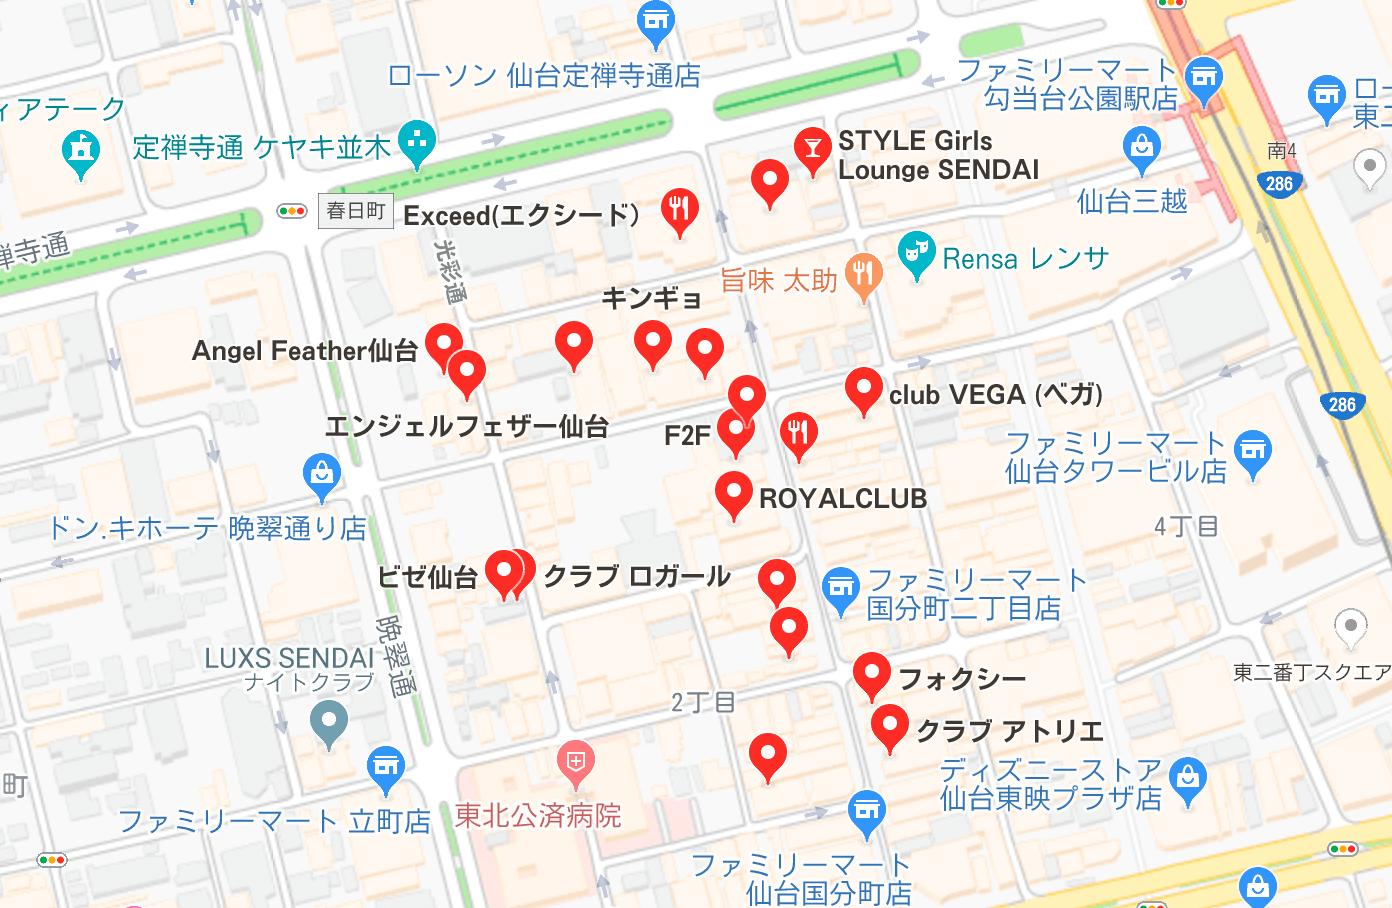 仙台市 キャバクラ